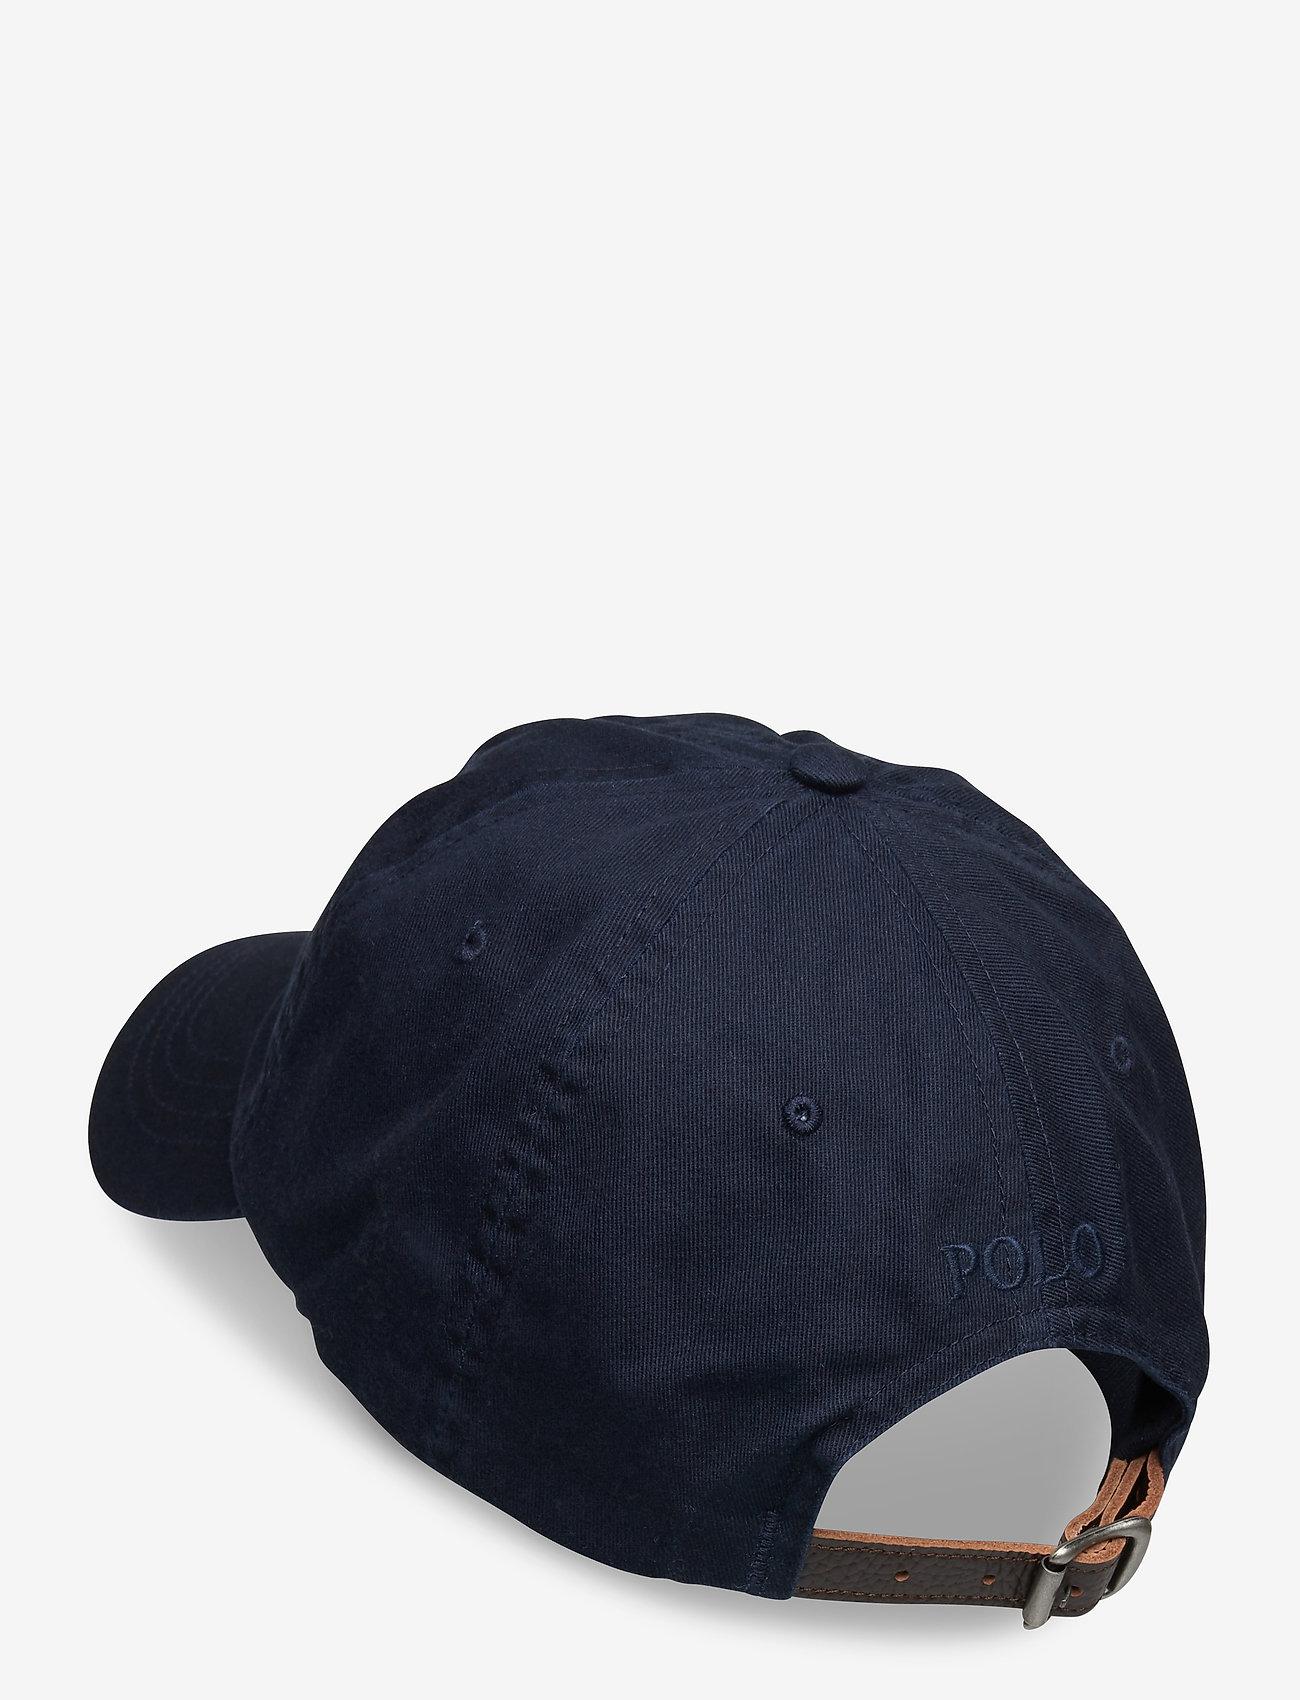 Polo Ralph Lauren Big Pony Chino Cap - Czapki i kapelusze AVIATOR NAVY - Akcesoria